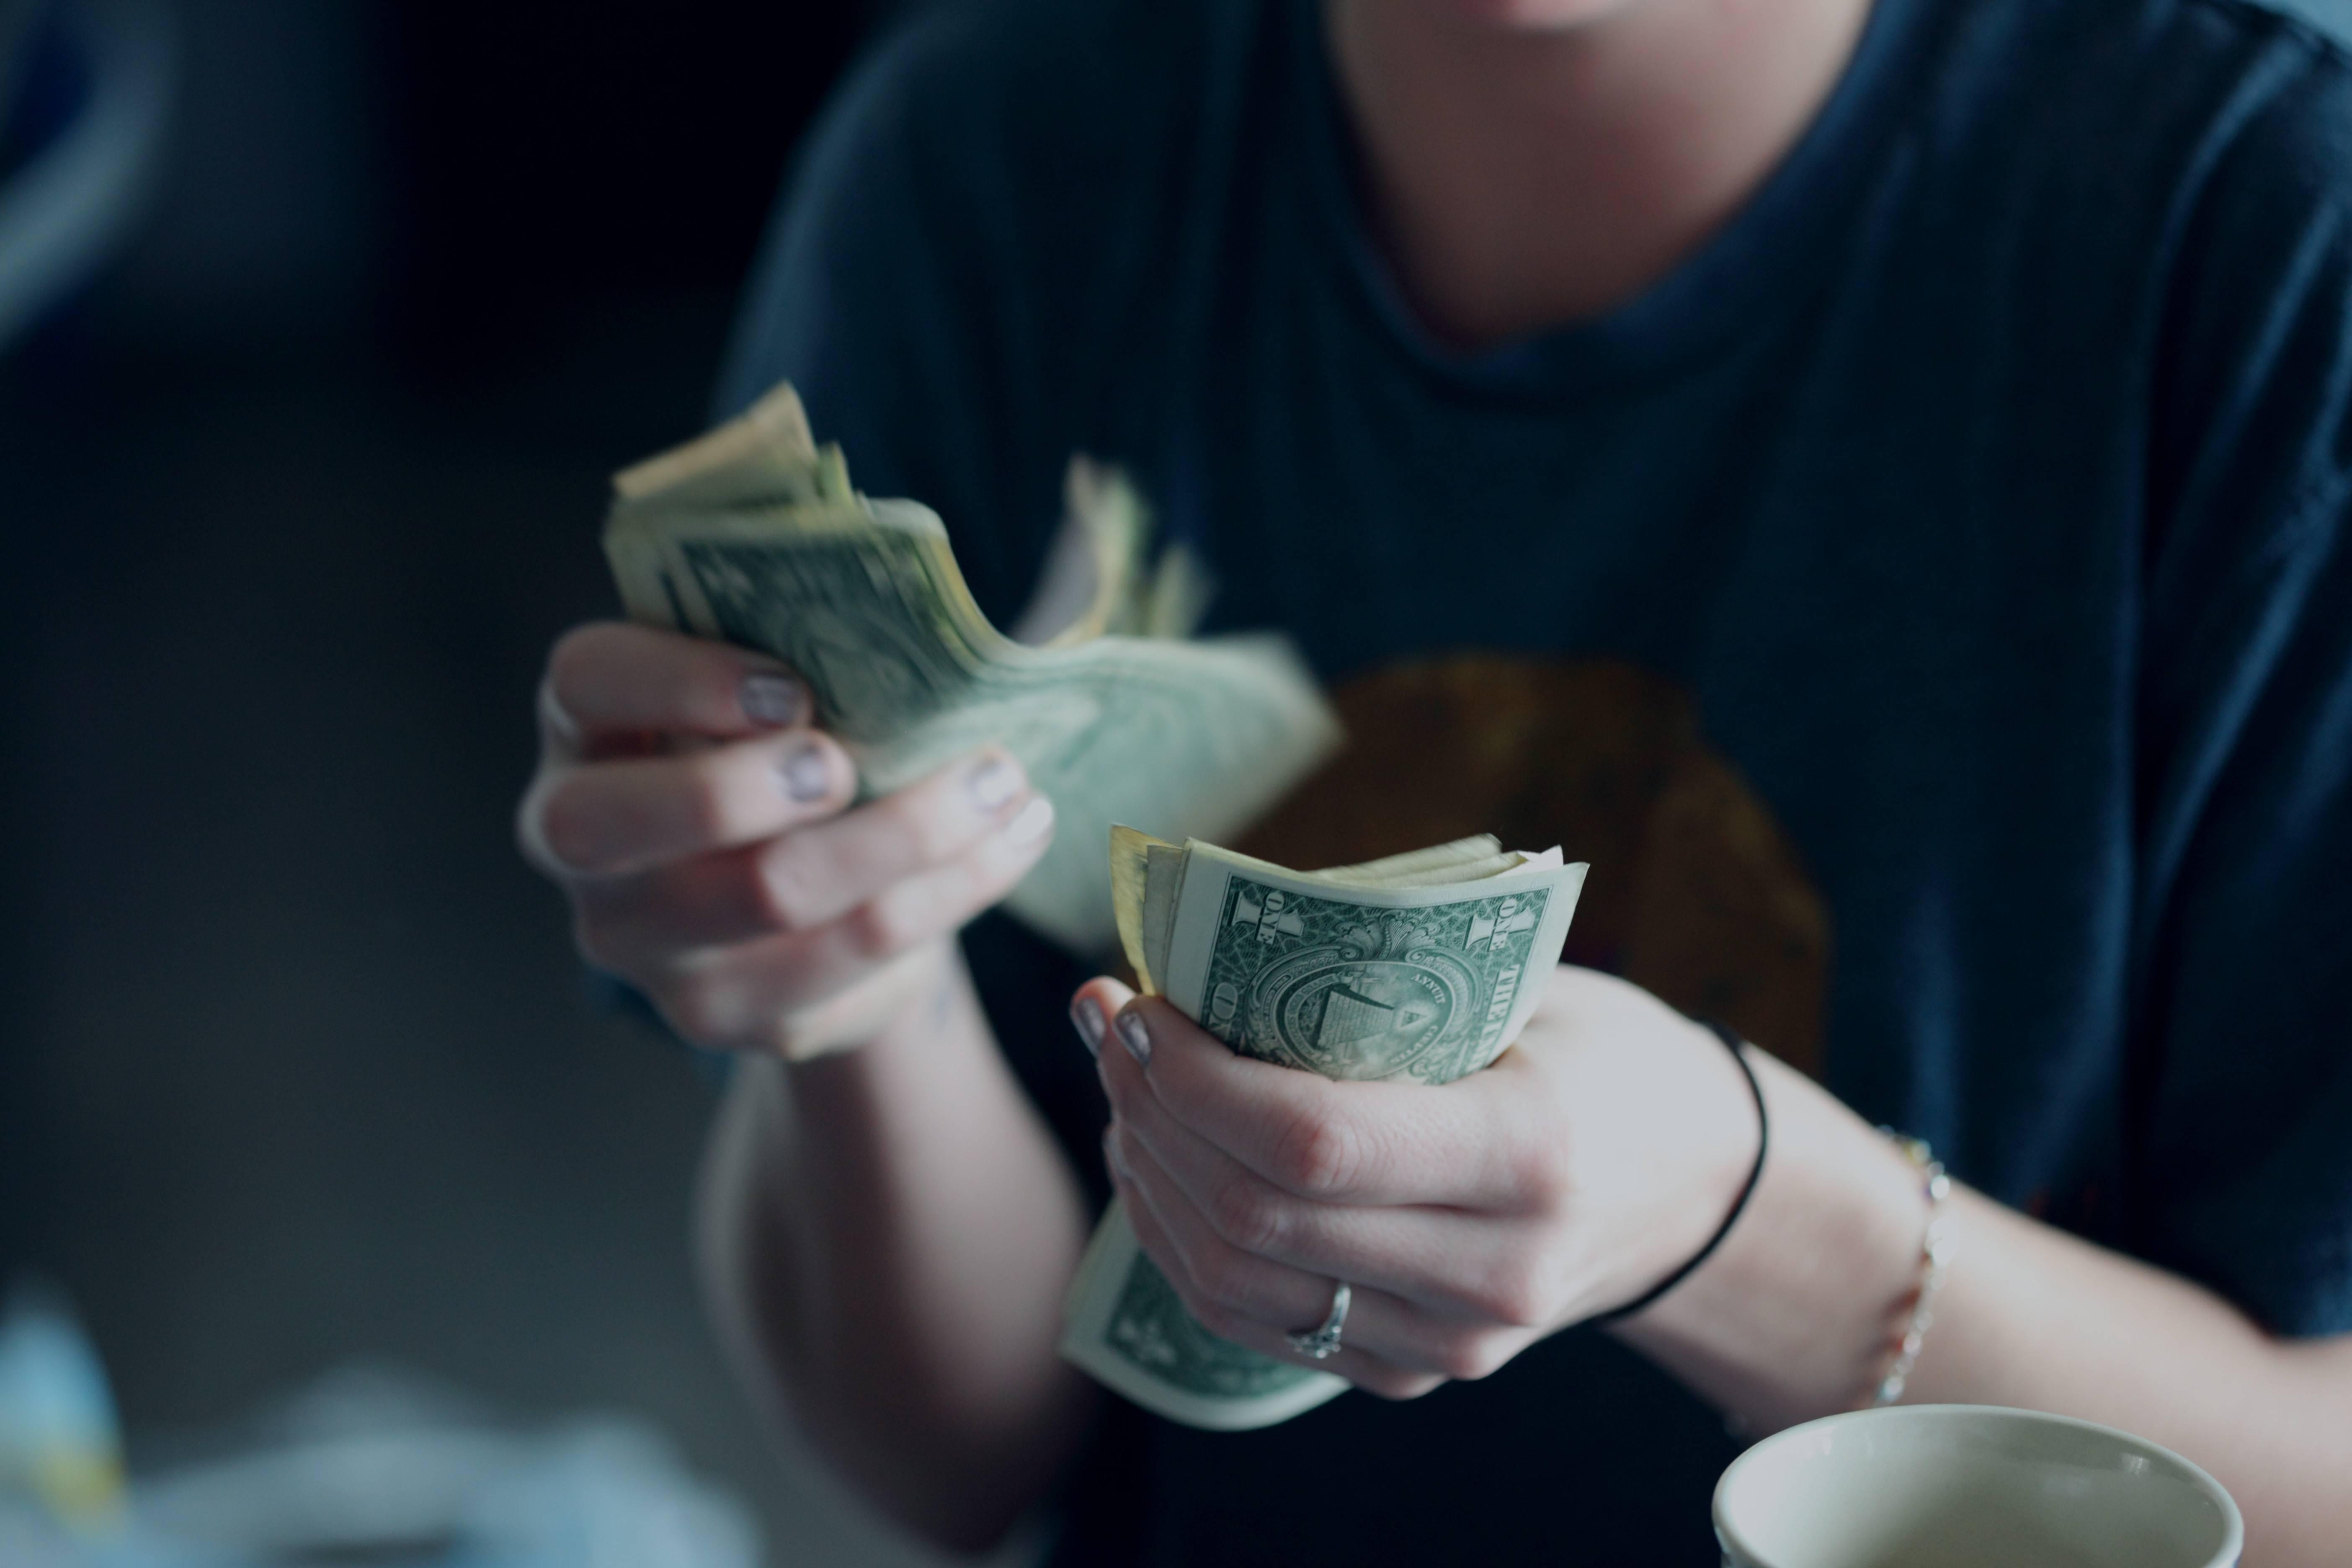 10月教育行业融资报告:29家企业共融资175.6亿元,猿辅导再次拔得头筹